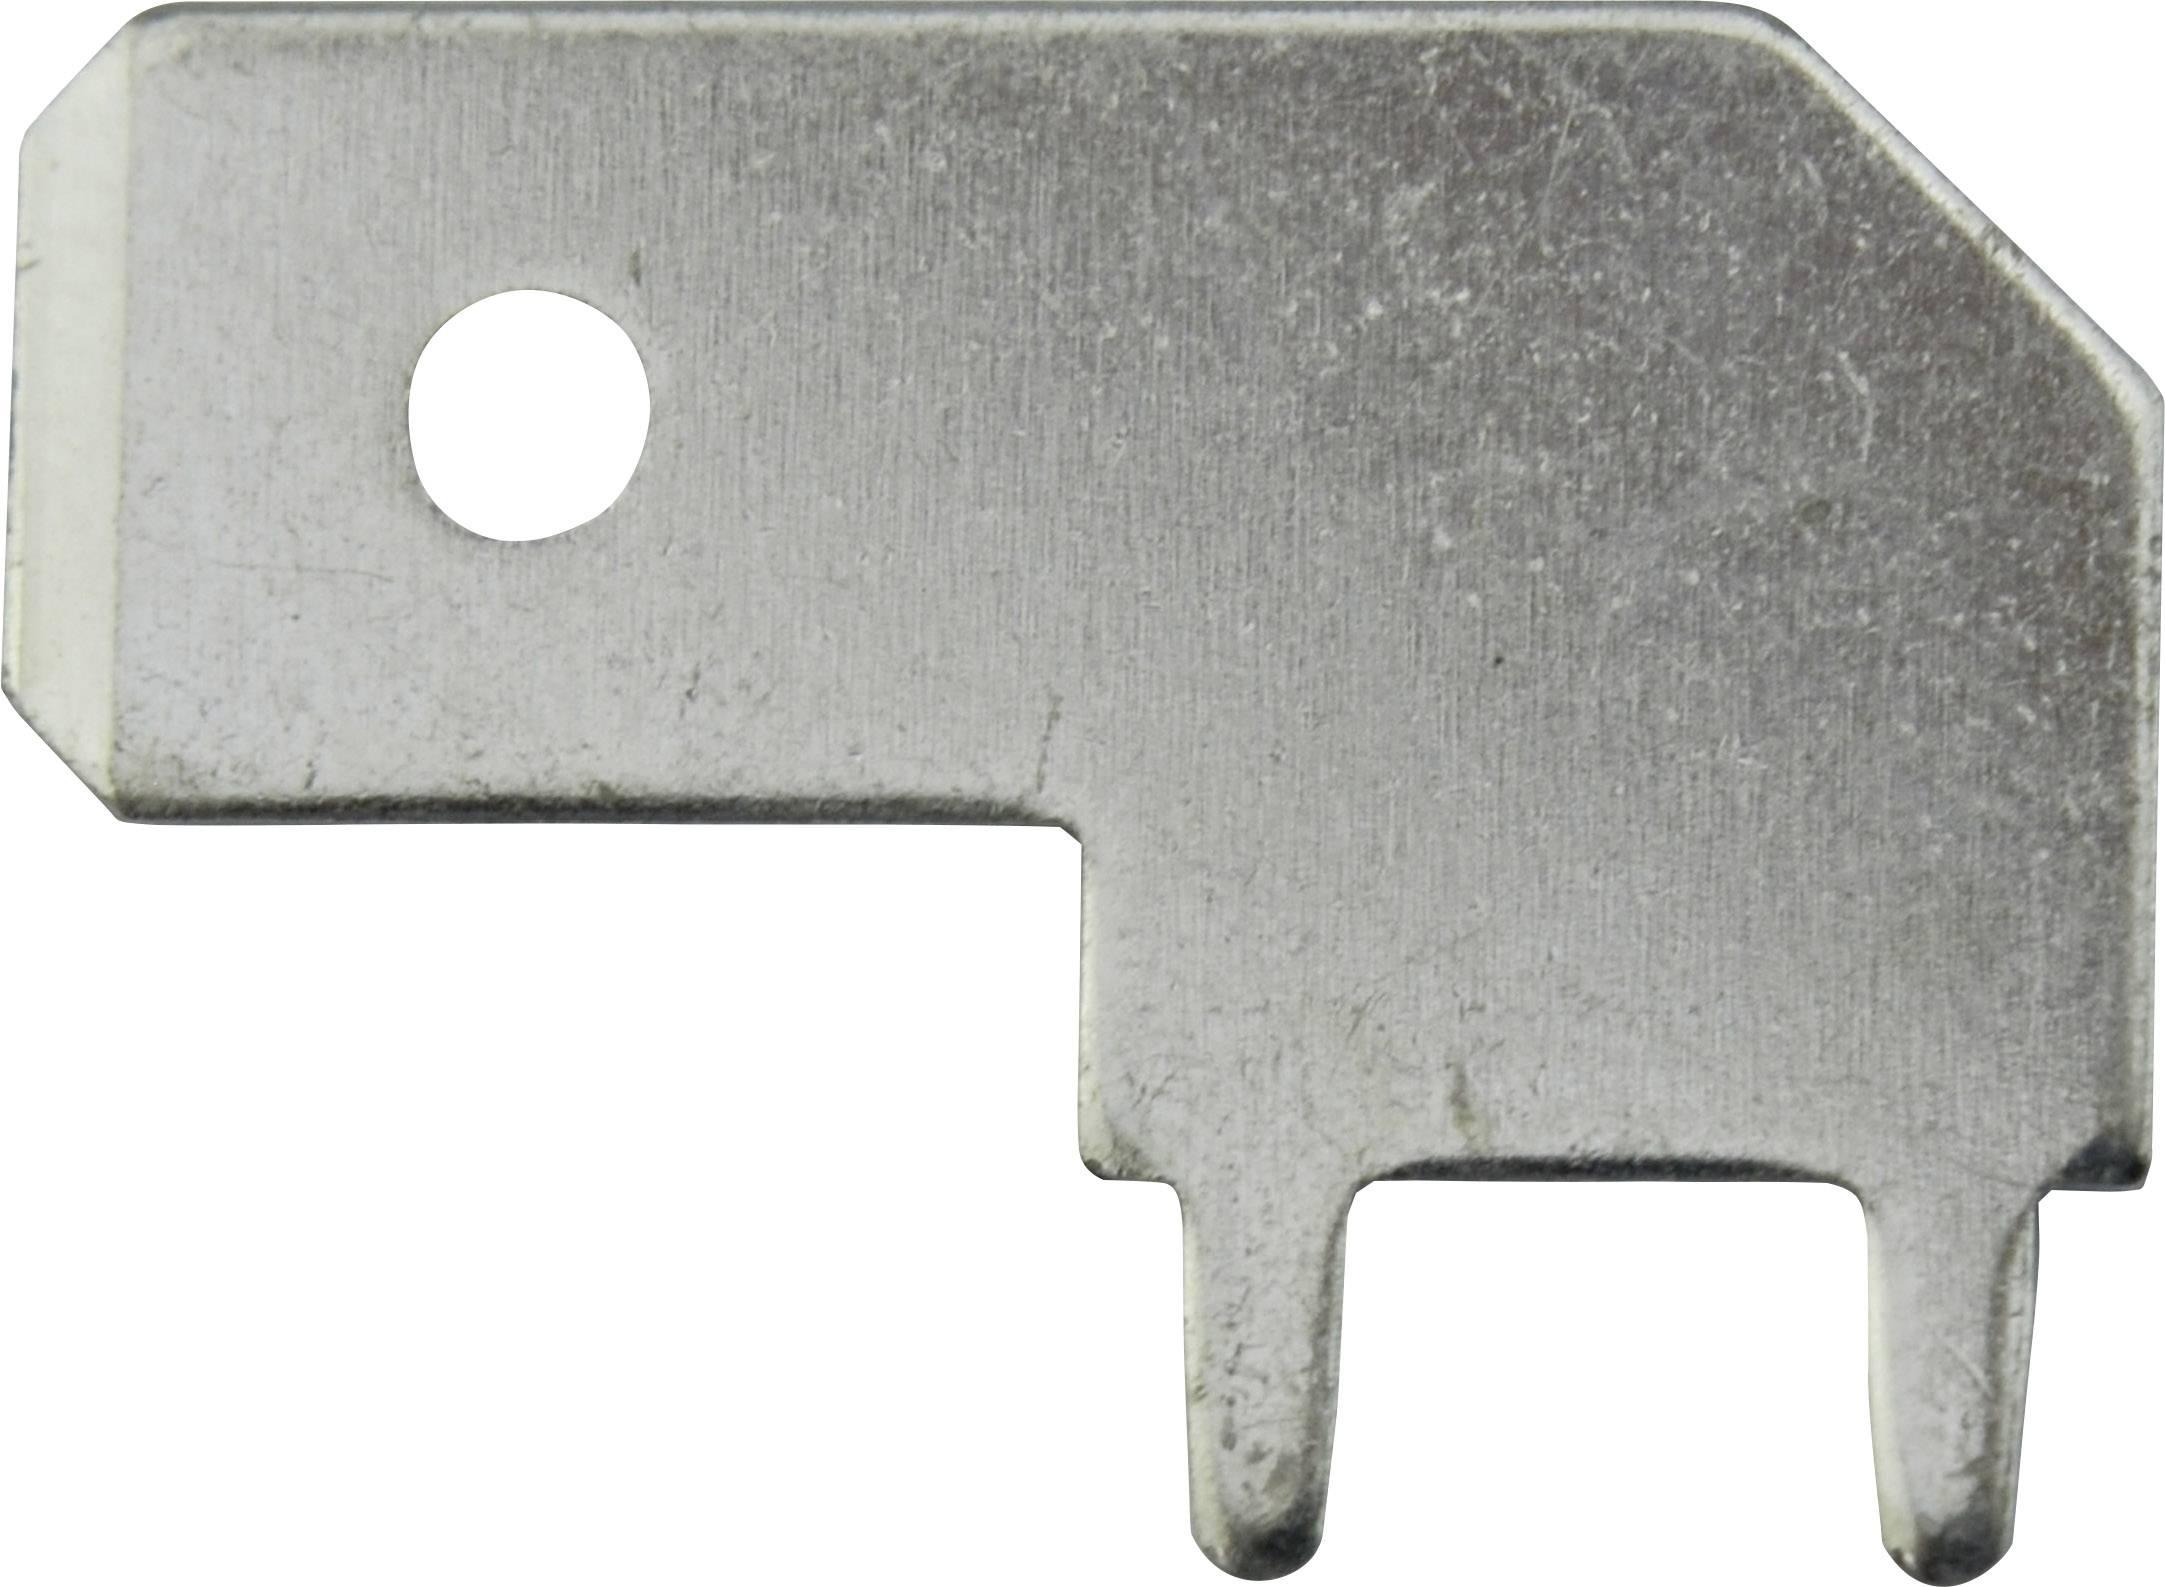 Faston zástrčka Vogt Verbindungstechnik 3867e.68 6.3 mm x 0.8 mm, 90 °, bez izolace, kov, 1 ks